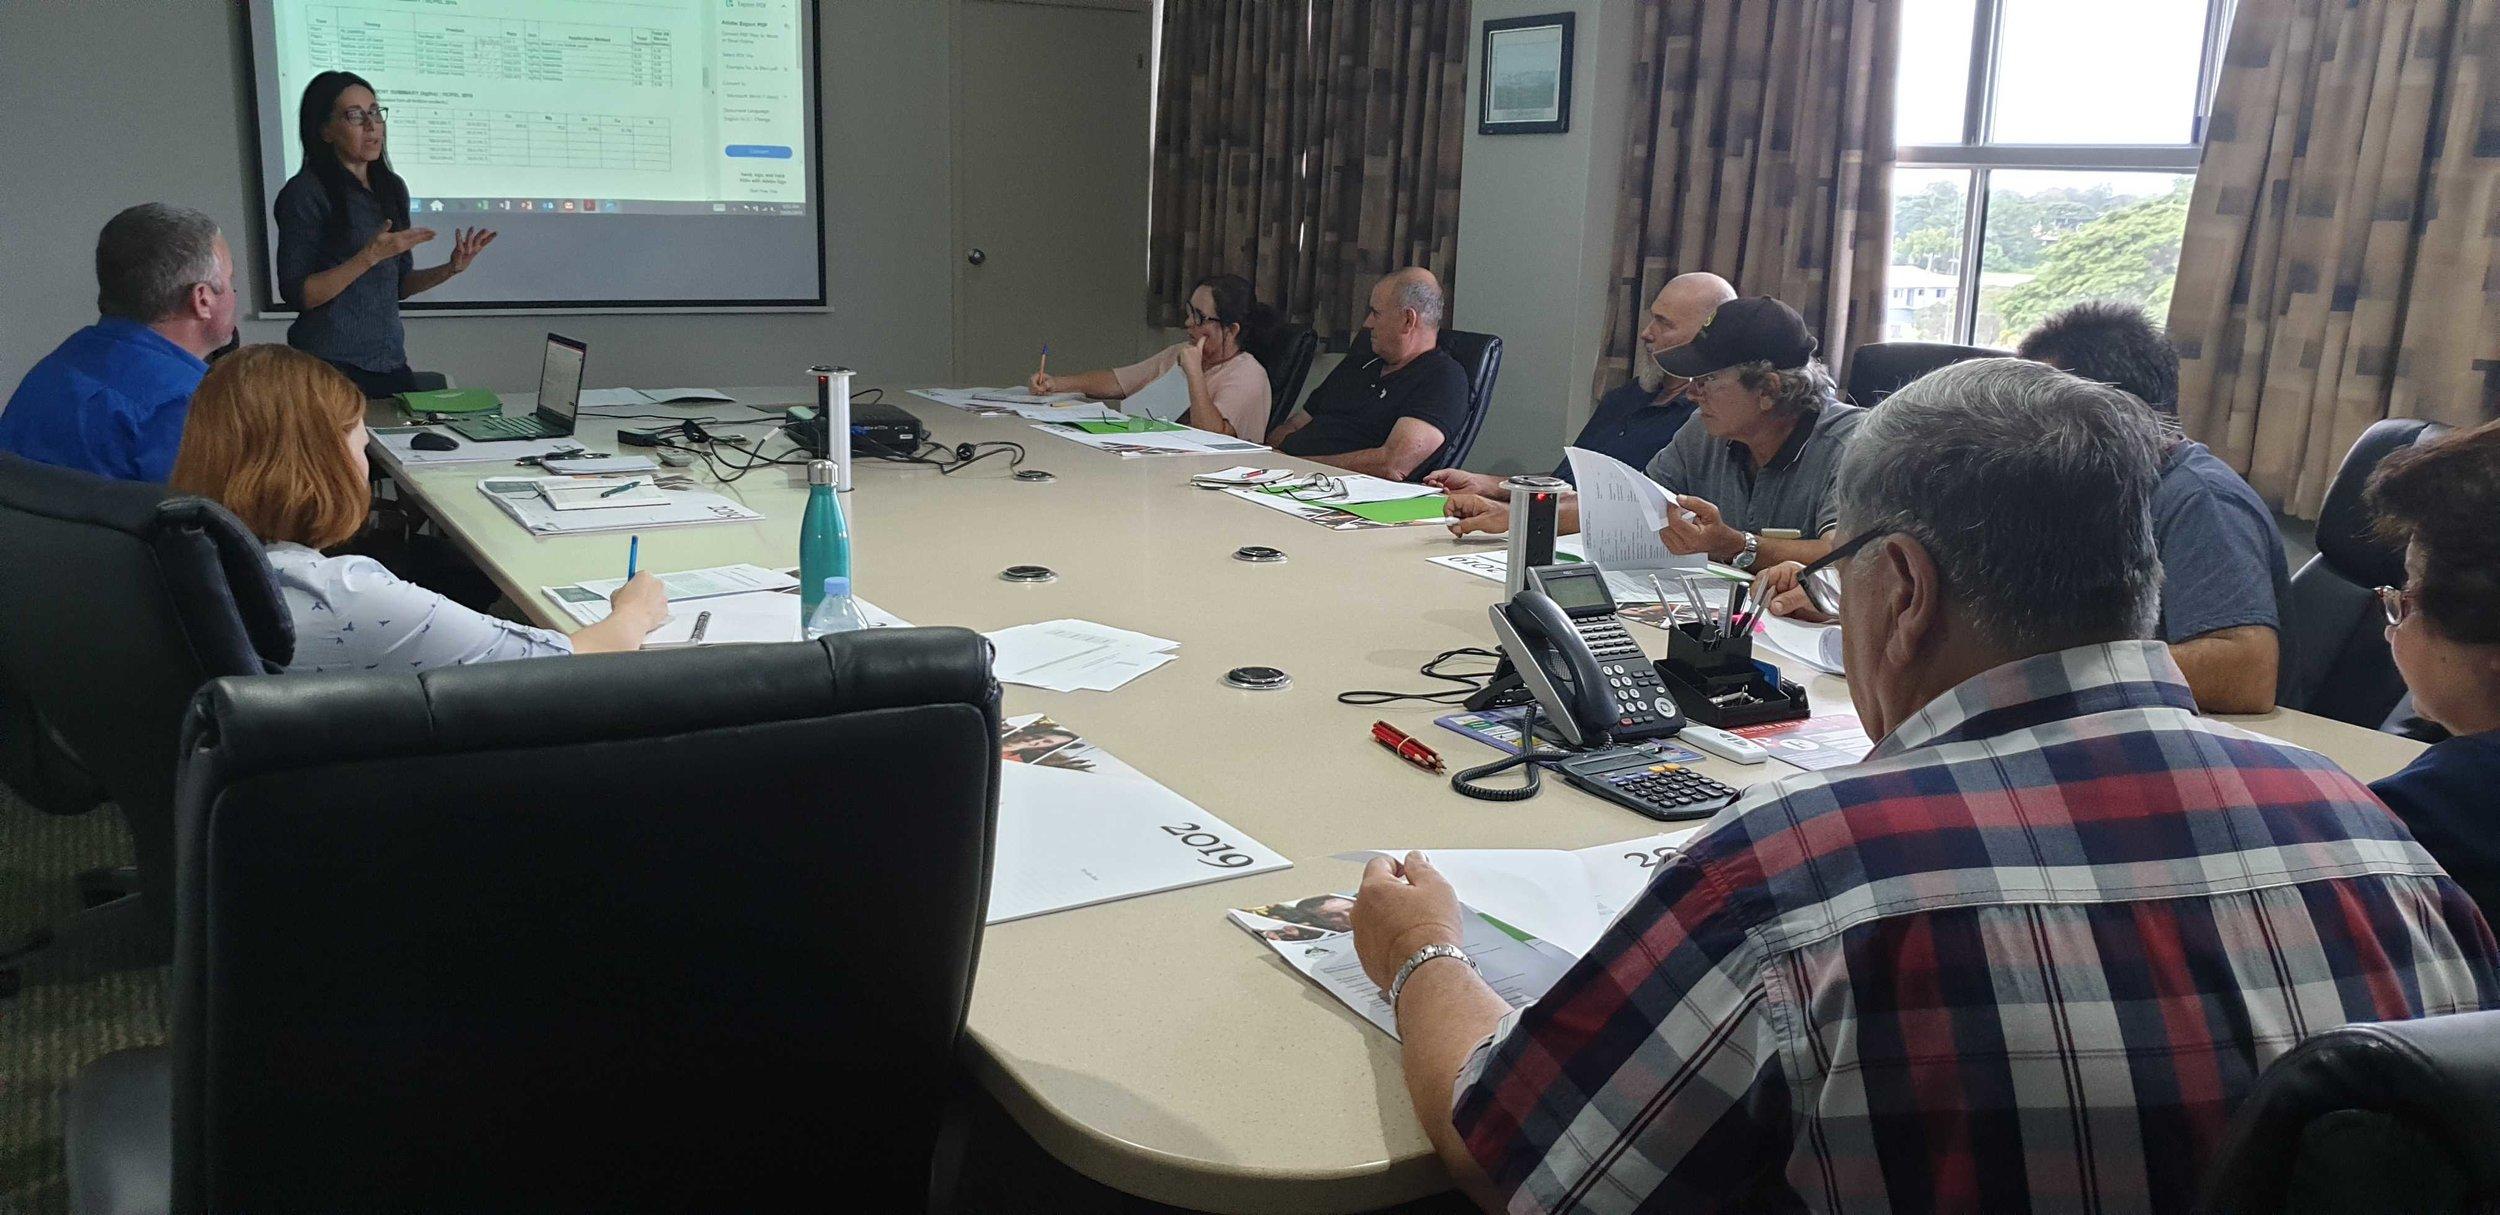 Recent record-keeping workshop held in the Herbert River sugarcane growing region